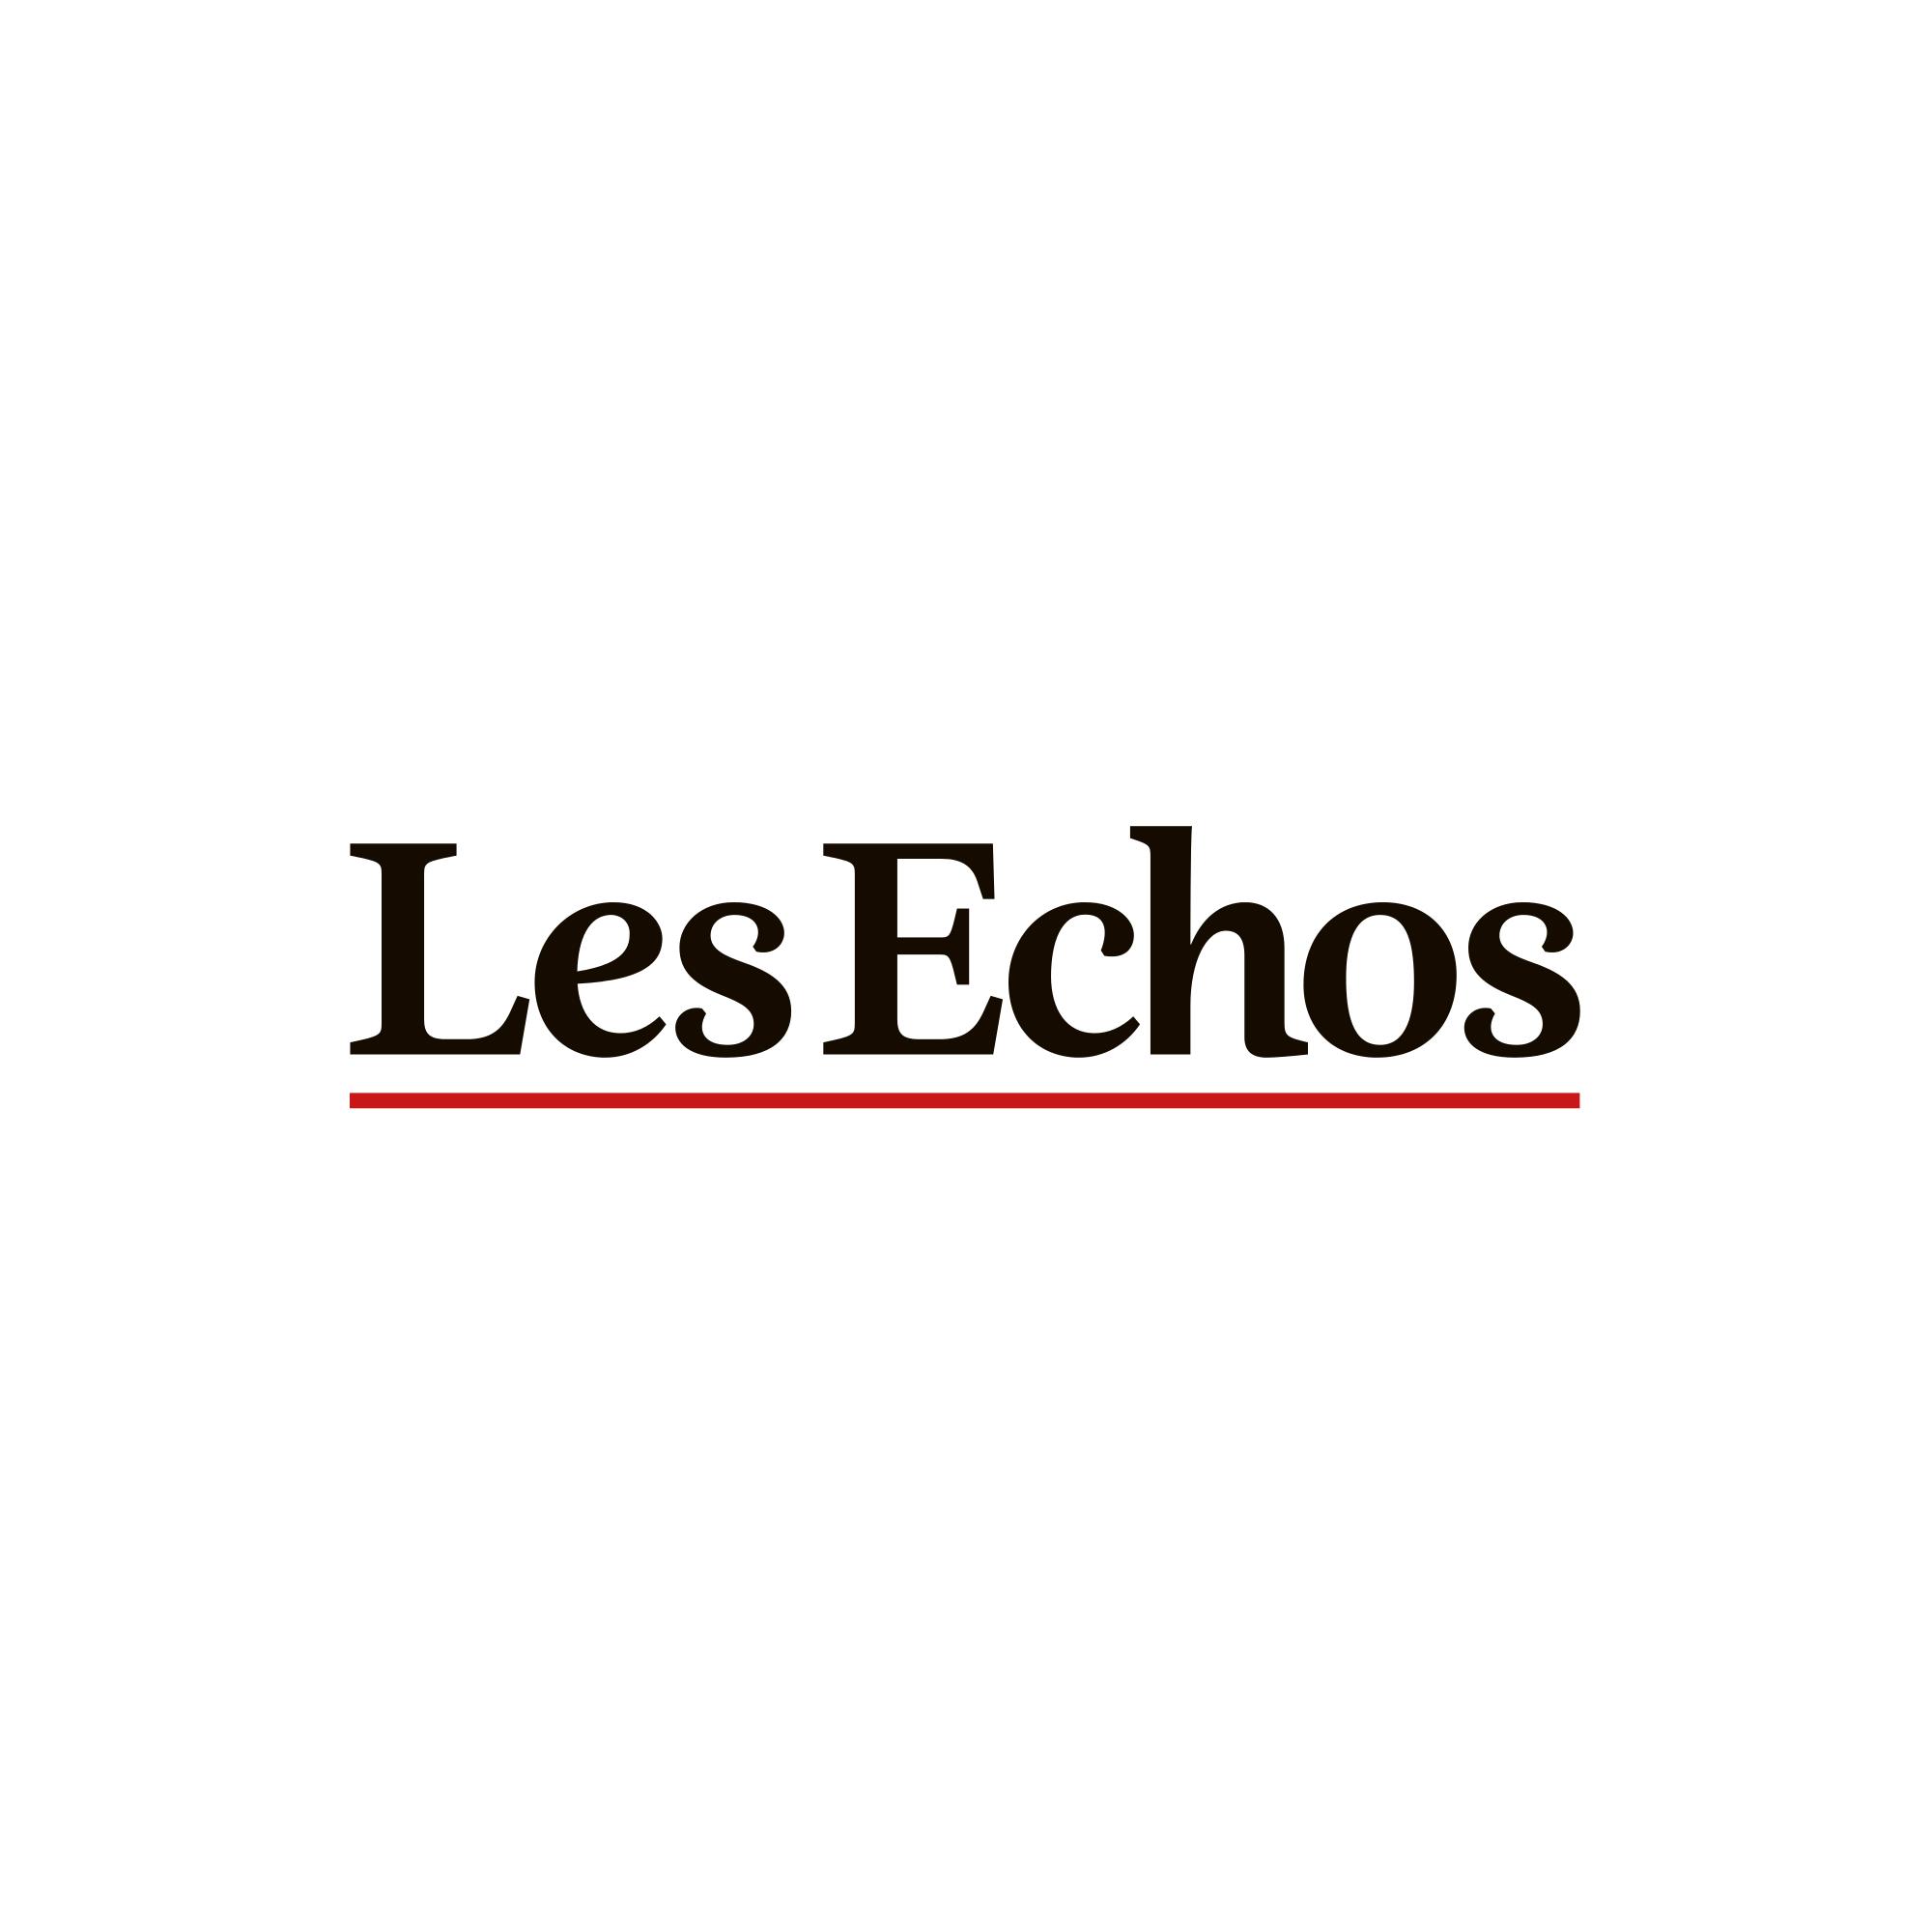 Presse - Les Echos